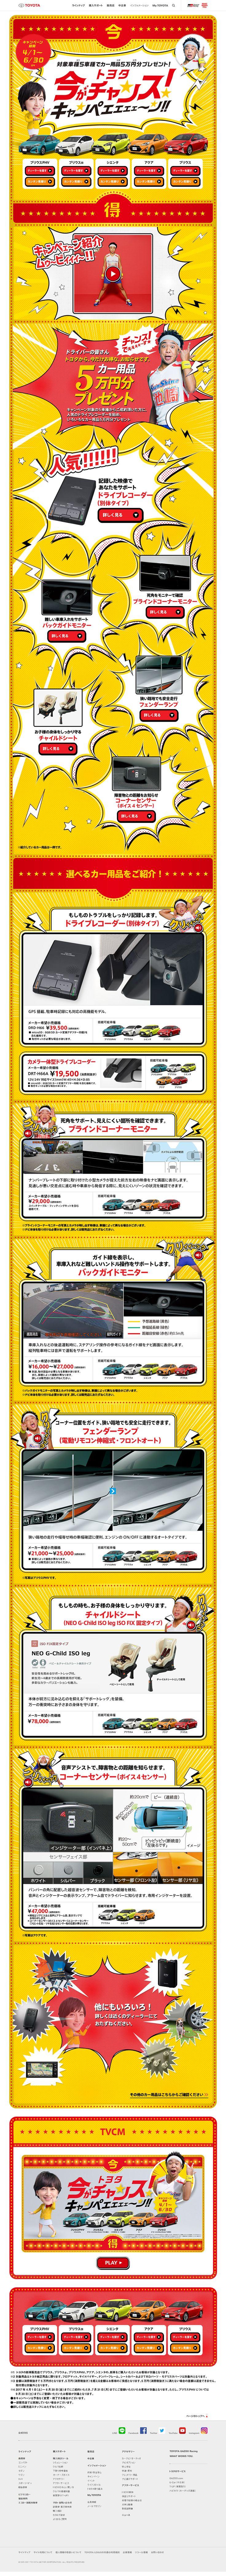 トヨタ 今がチャンス!キャンペェェェェーン!!|WEBデザイナーさん必見!ランディングページのデザイン参考に(にぎやか系)